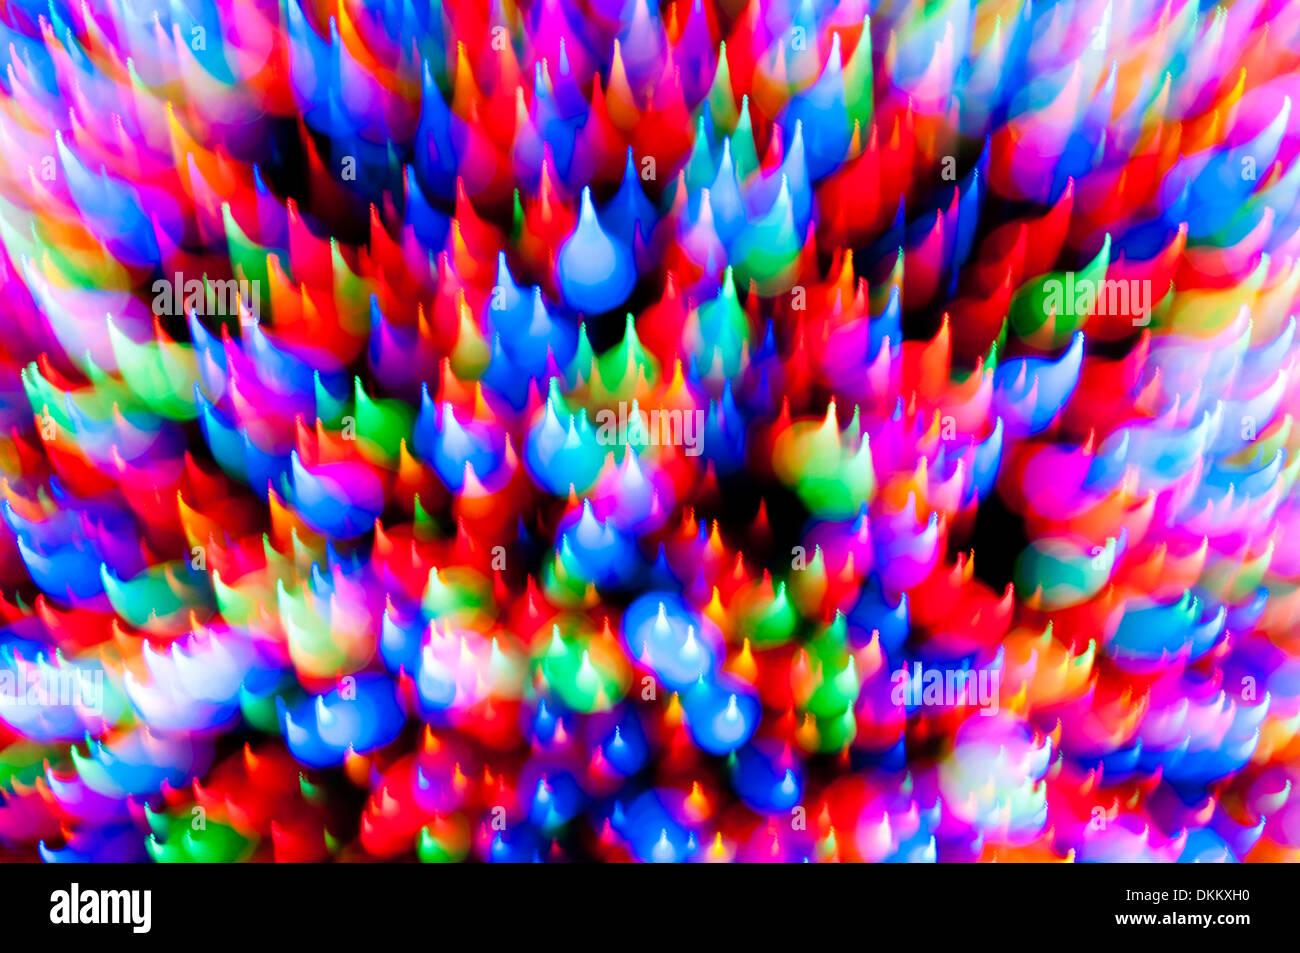 Albero di natale luci-motion blur abstract Immagini Stock